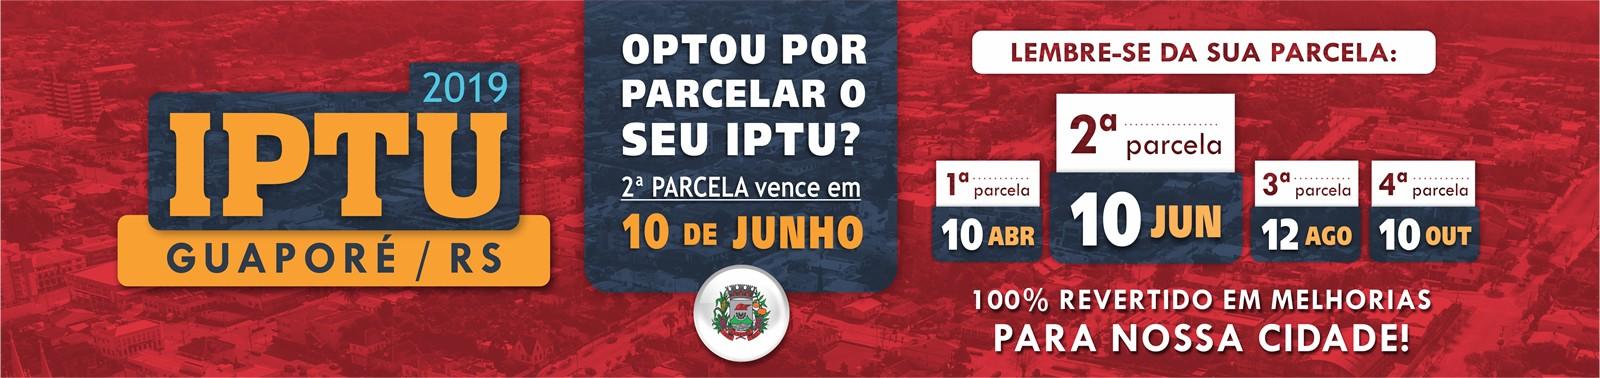 Banner 2 - IPTU 2019